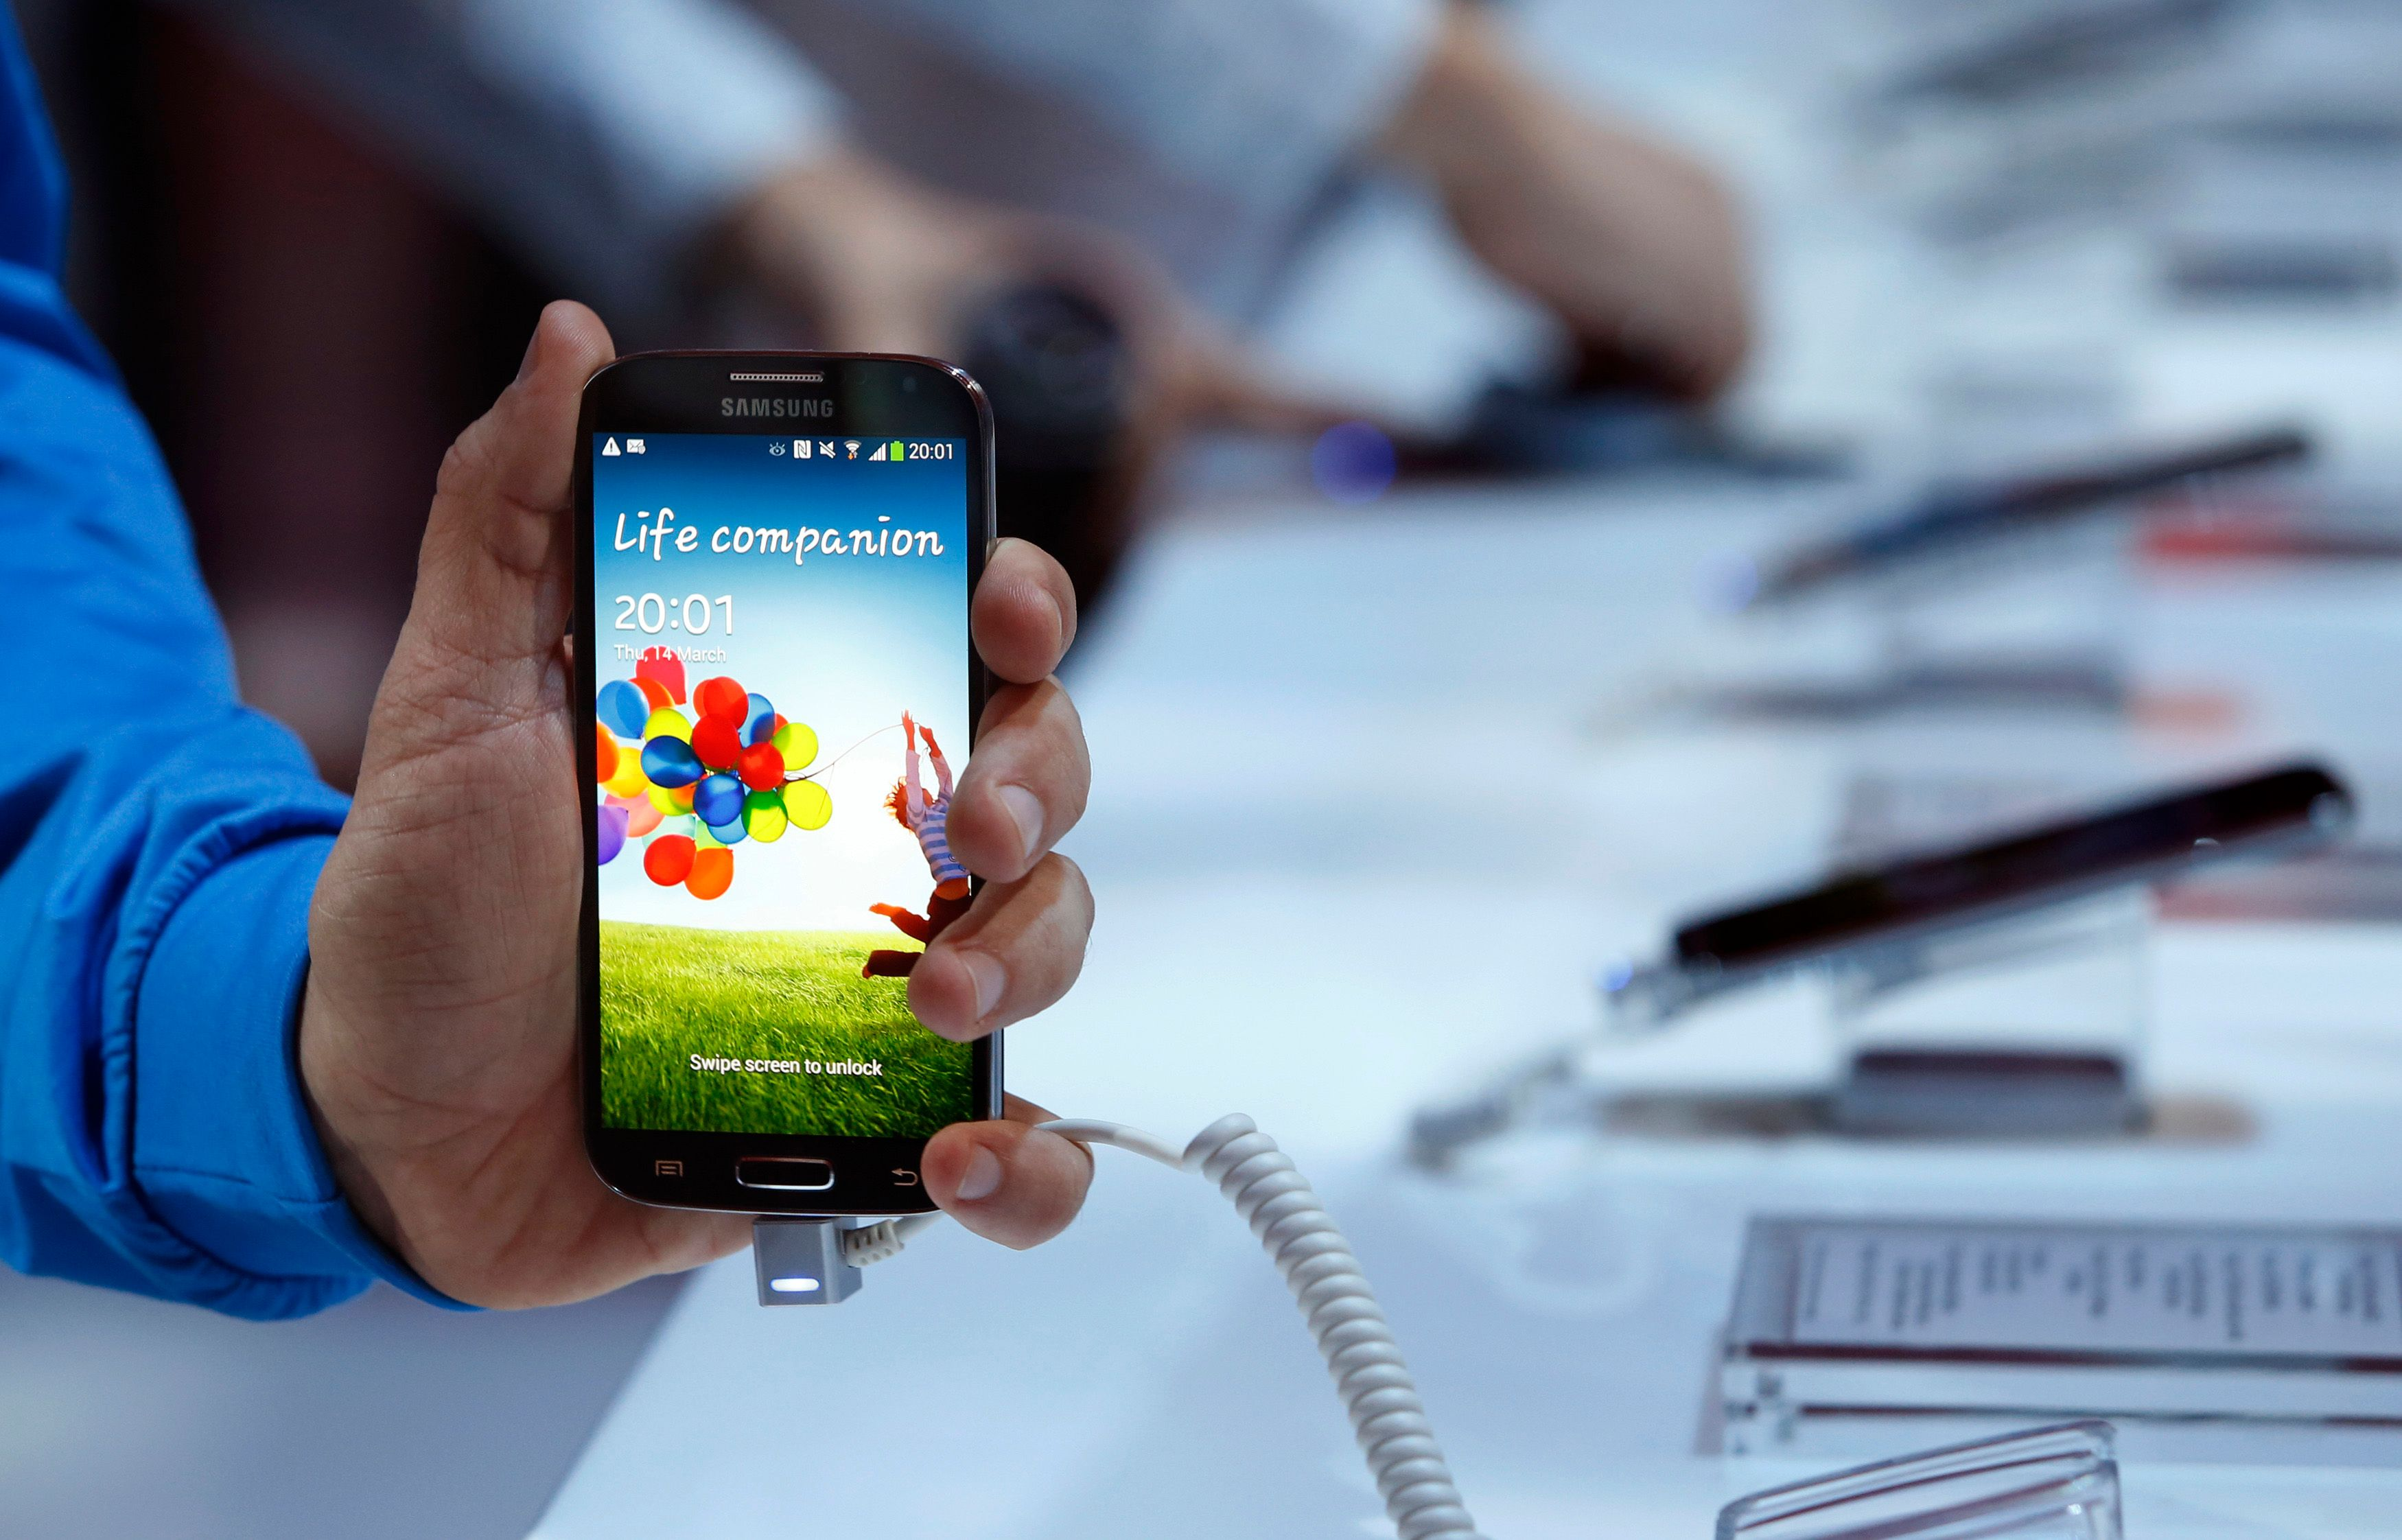 Un an après le Galaxy S4, c'est le S5 qui devrait naître prochainement